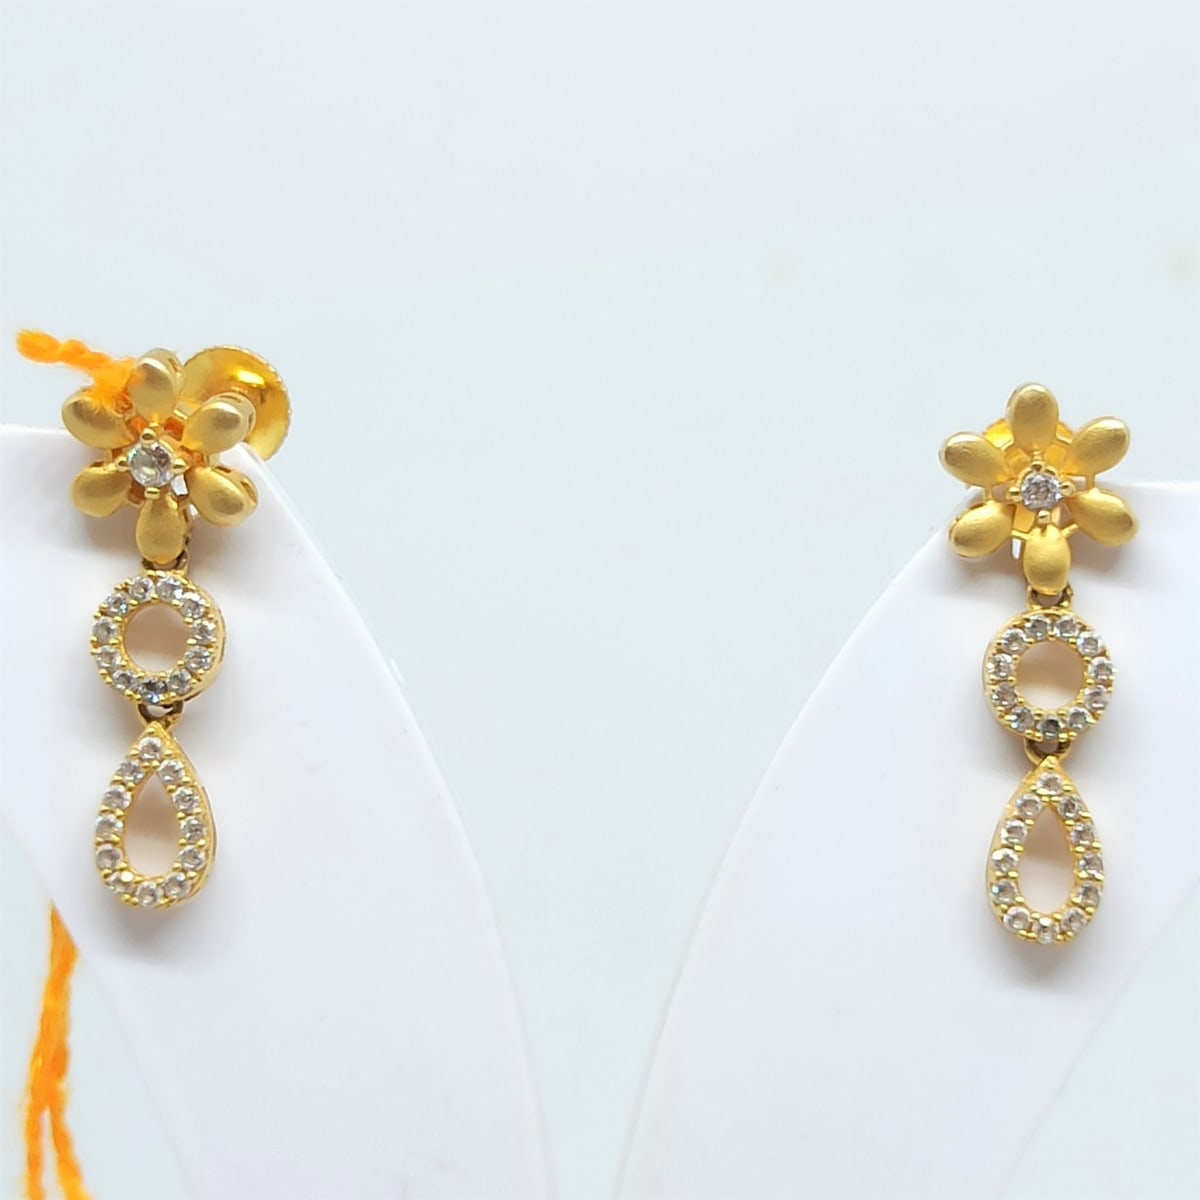 Floral Cz Drop Earrings